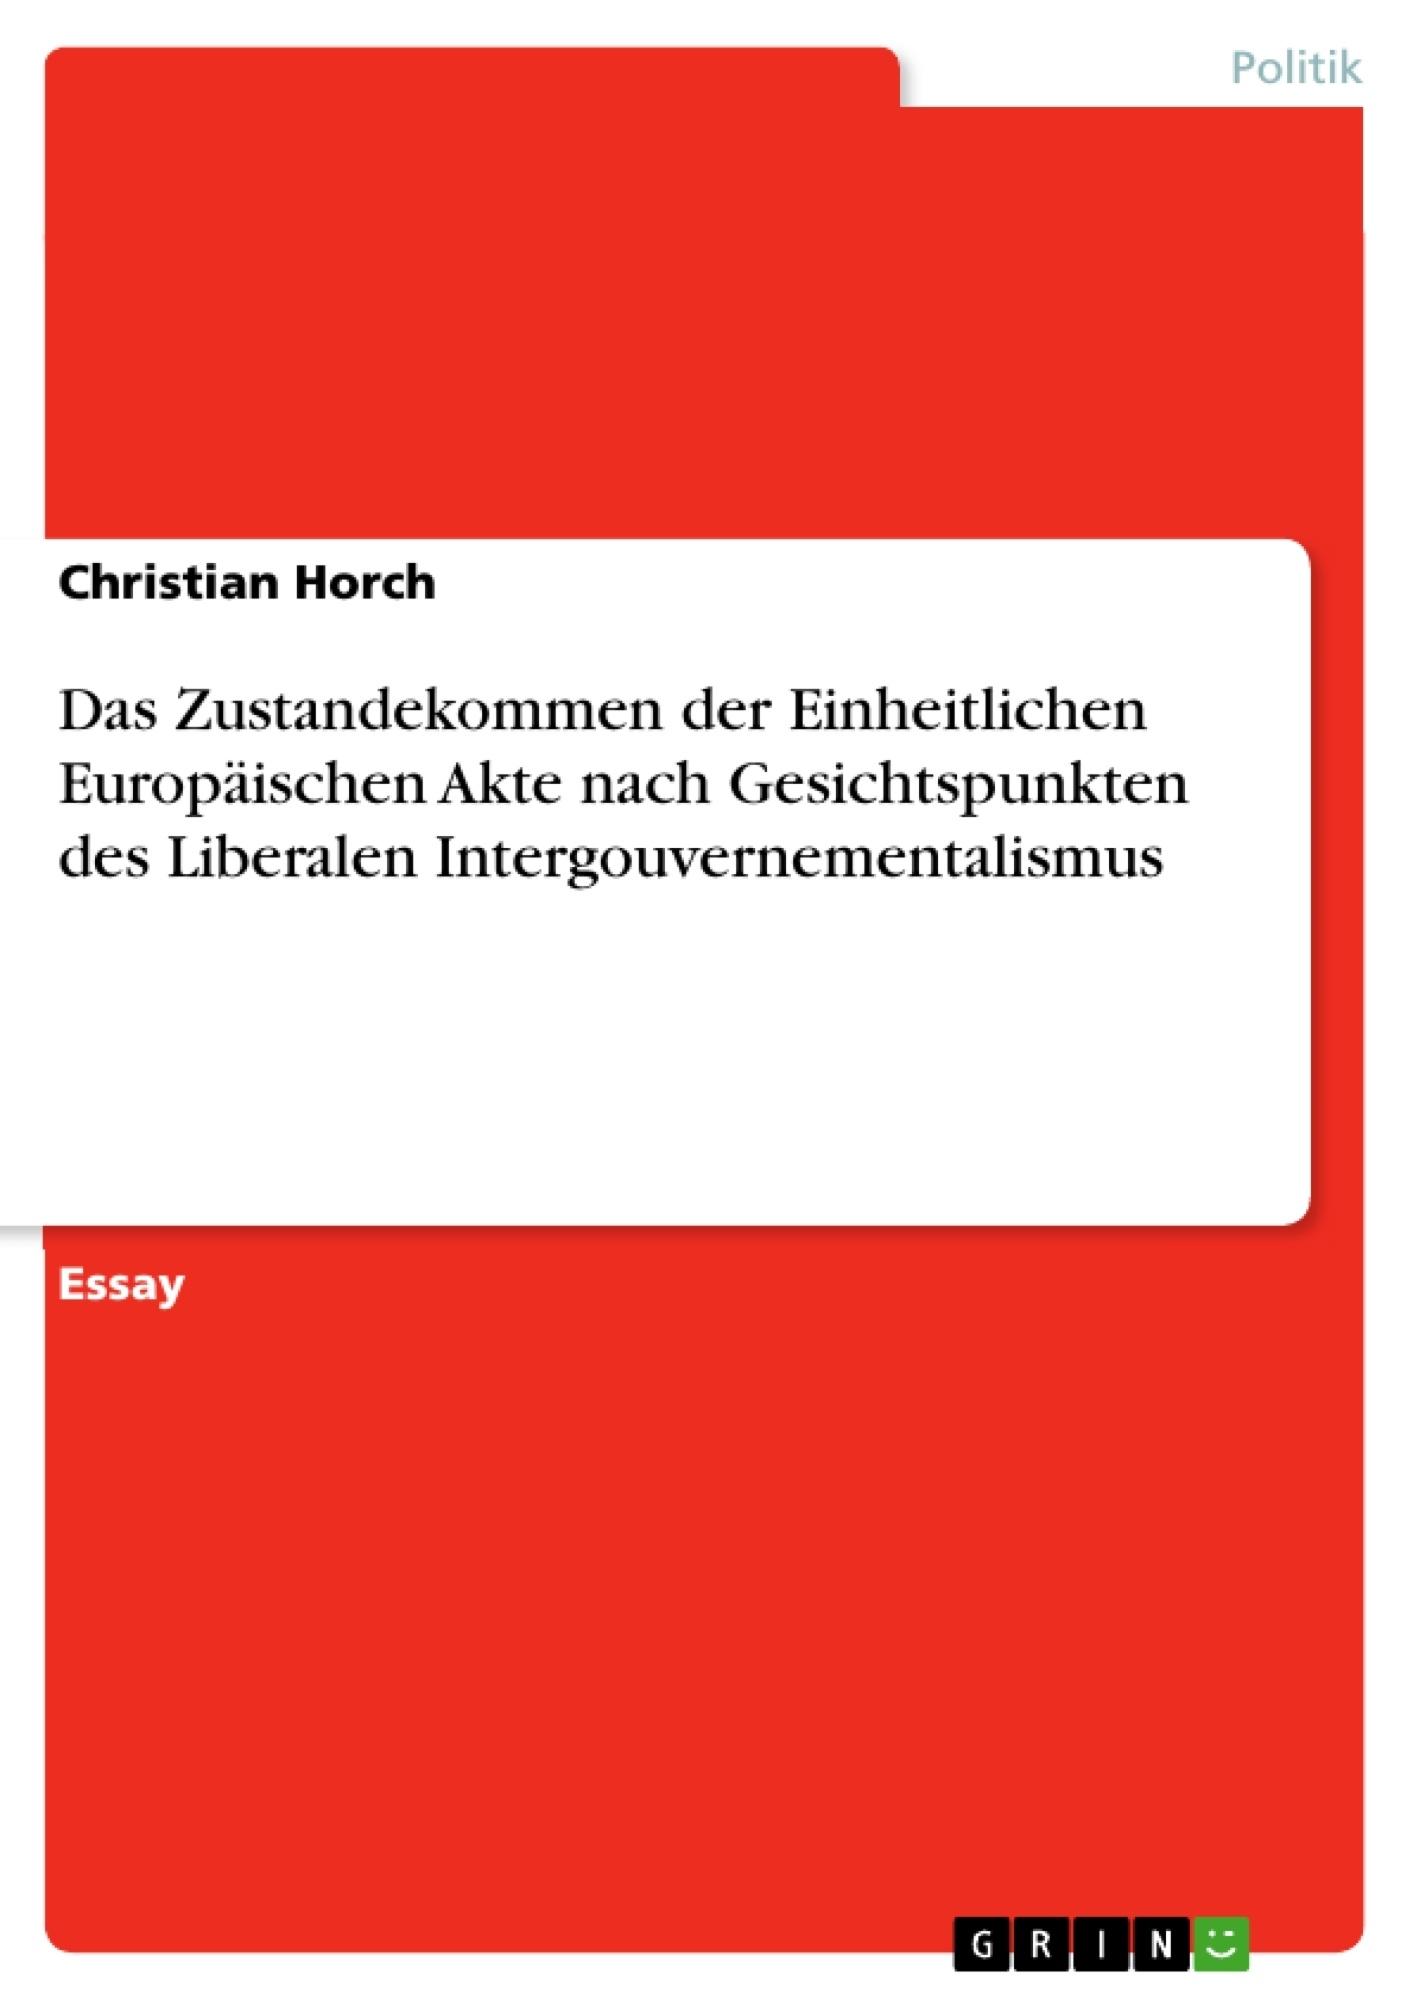 Titel: Das Zustandekommen der Einheitlichen Europäischen Akte nach Gesichtspunkten des Liberalen Intergouvernementalismus